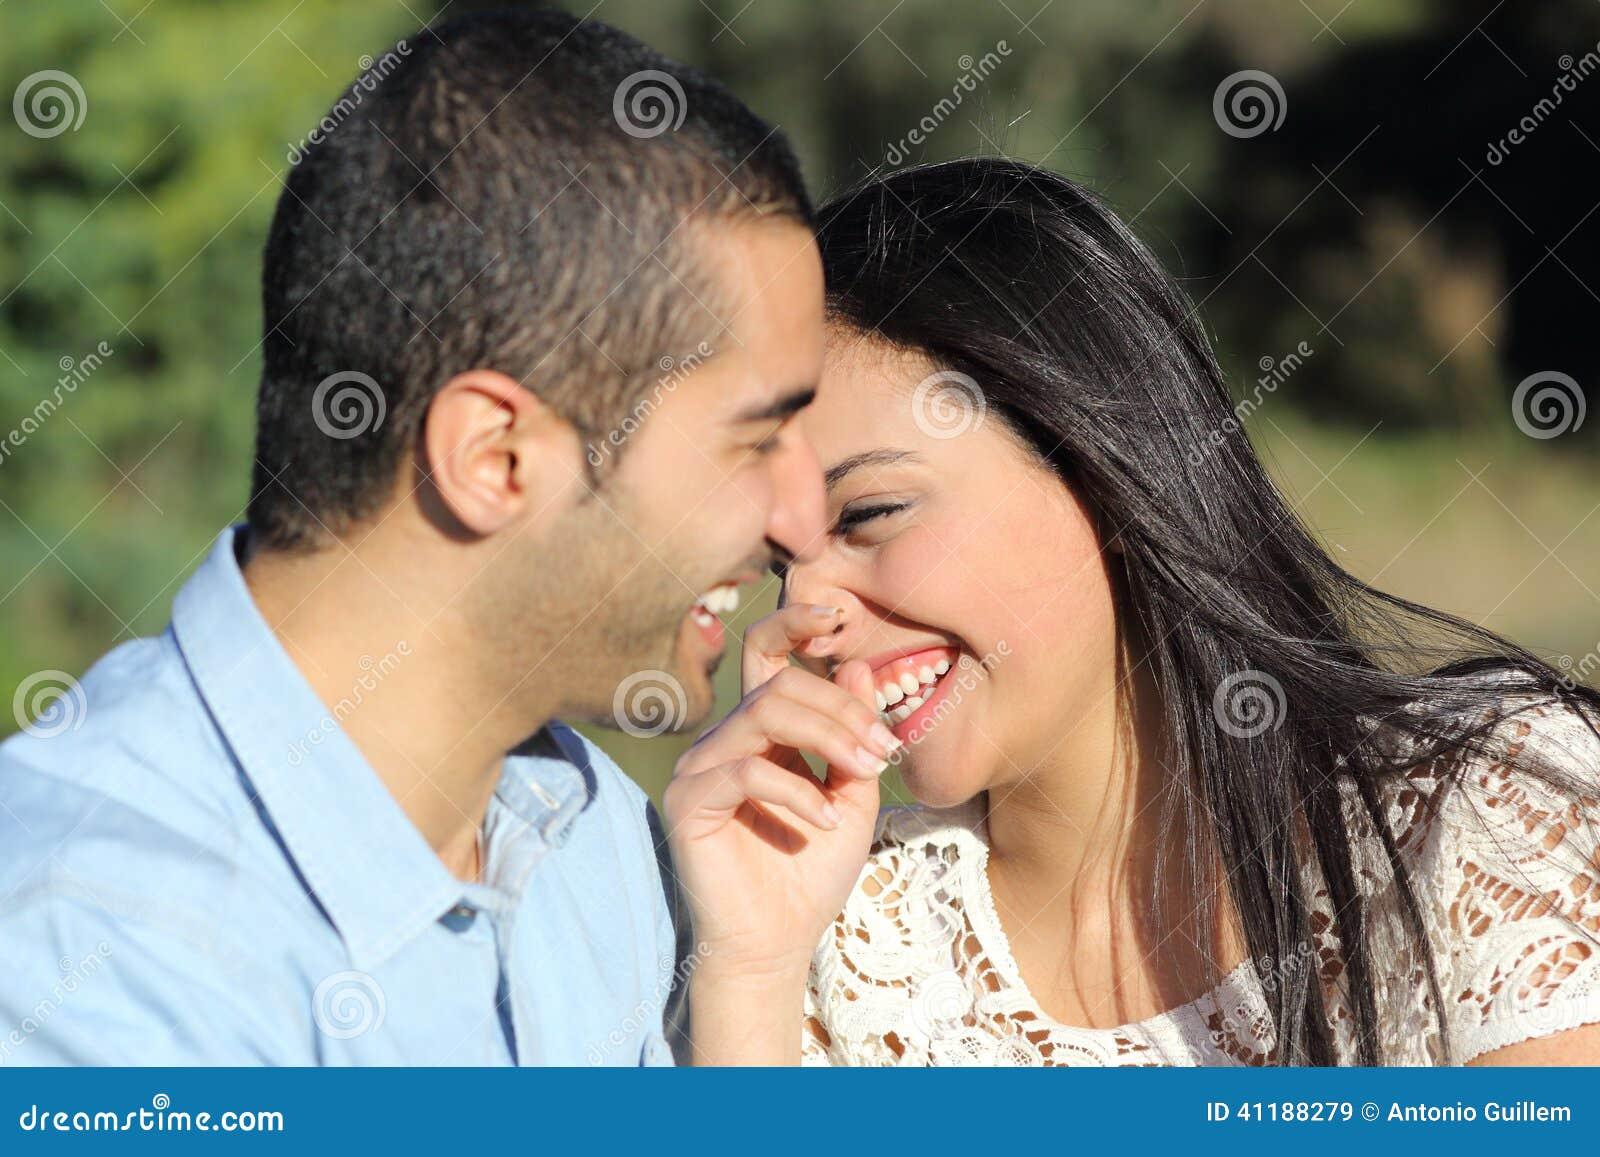 Αραβικοί περιστασιακοί άνδρας και γυναίκα ζευγών που φλερτάρουν και που γελούν ευτυχείς σε ένα πάρκο